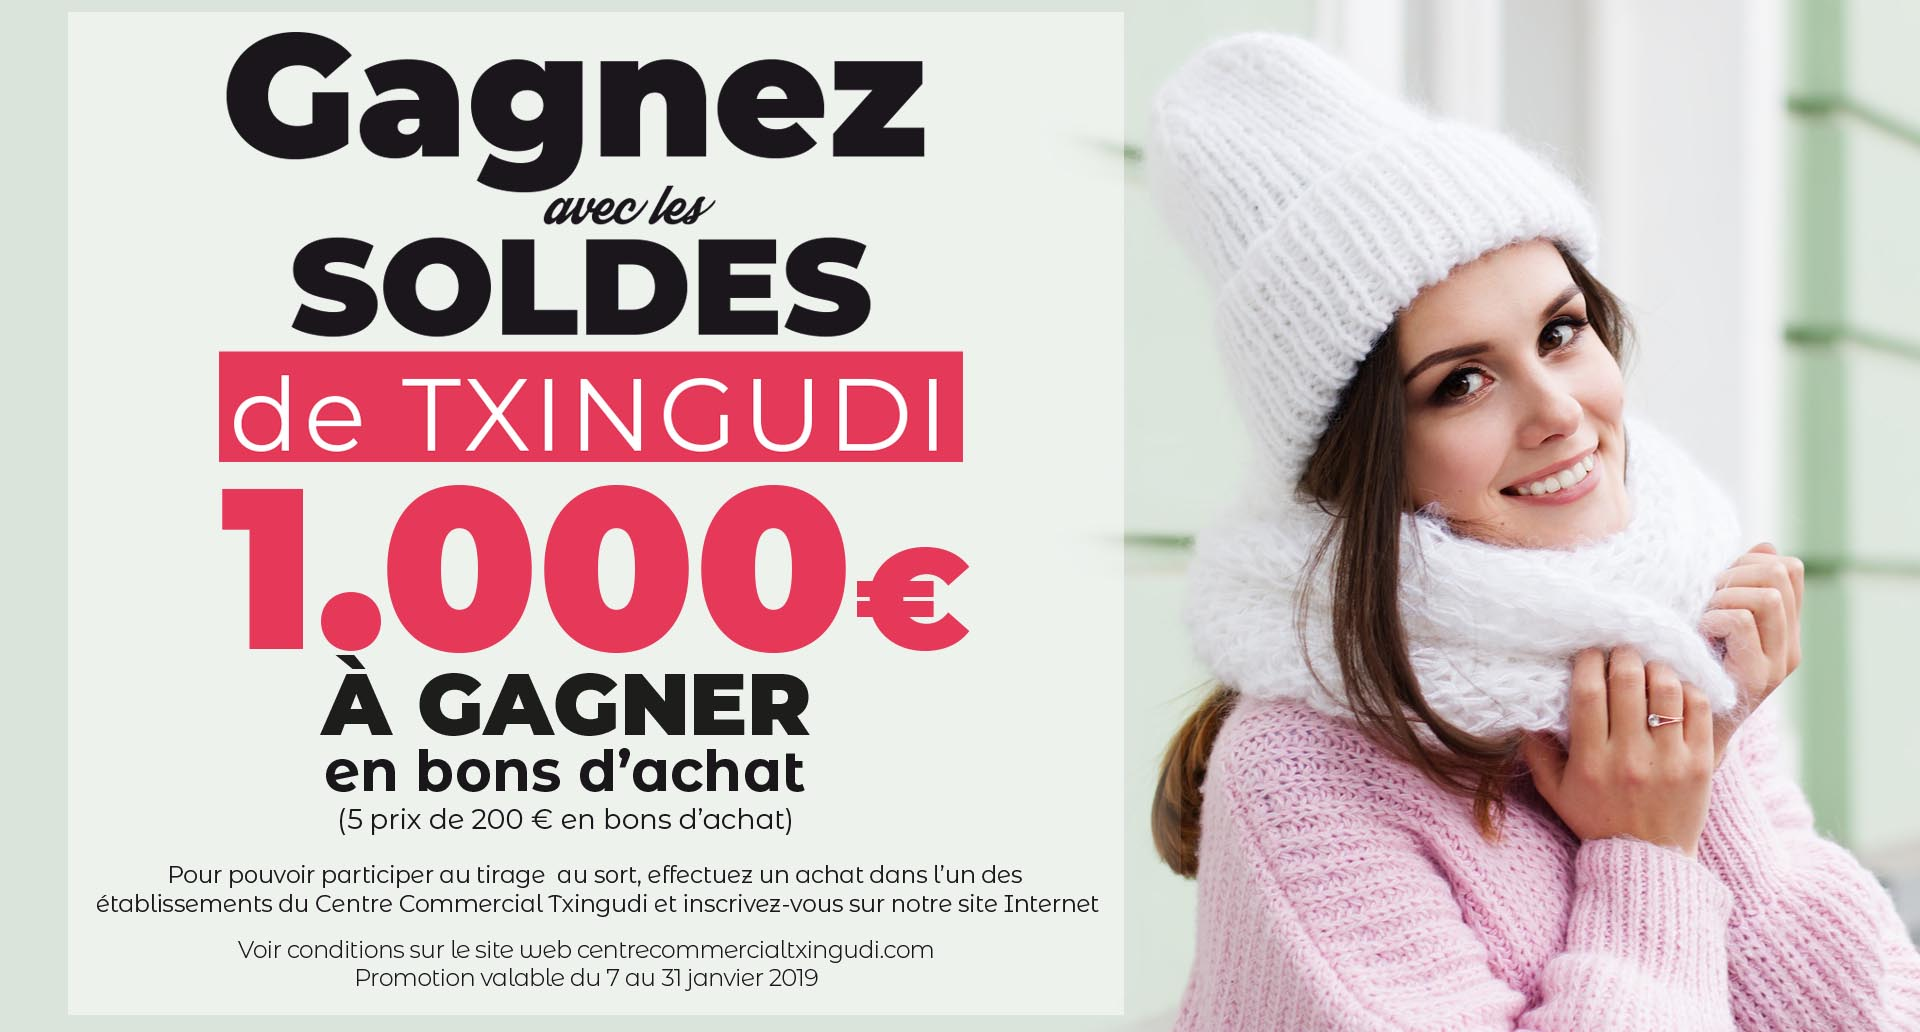 Gagnez avec les soldes de Txingudi, 1.000€ à gagner en bons d'achat